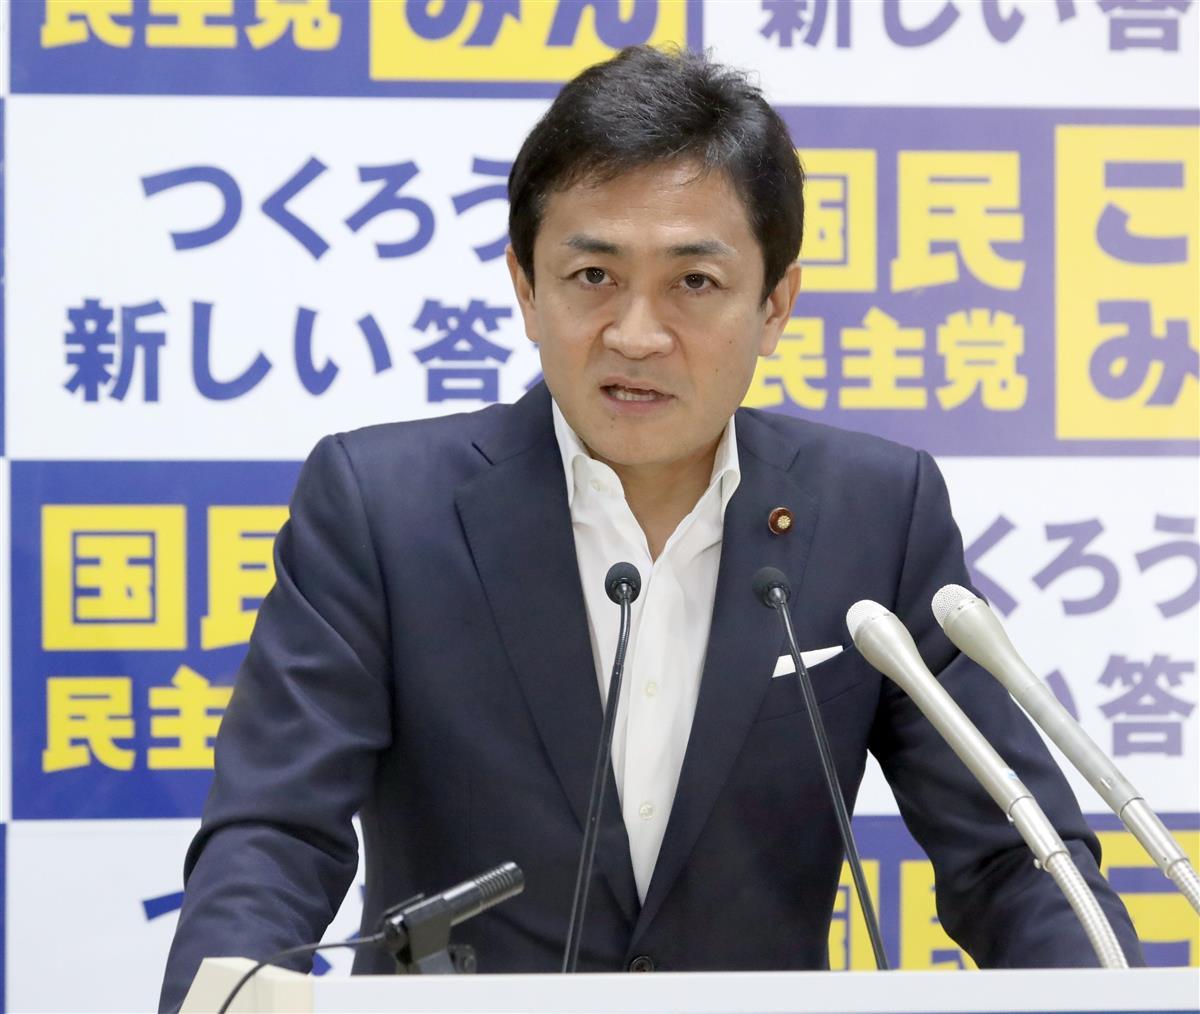 会見で記者団の質問に答える国民民主党・玉木雄一郎代表=2日午後、東京・永田町の国民民主党本部(春名中撮影)